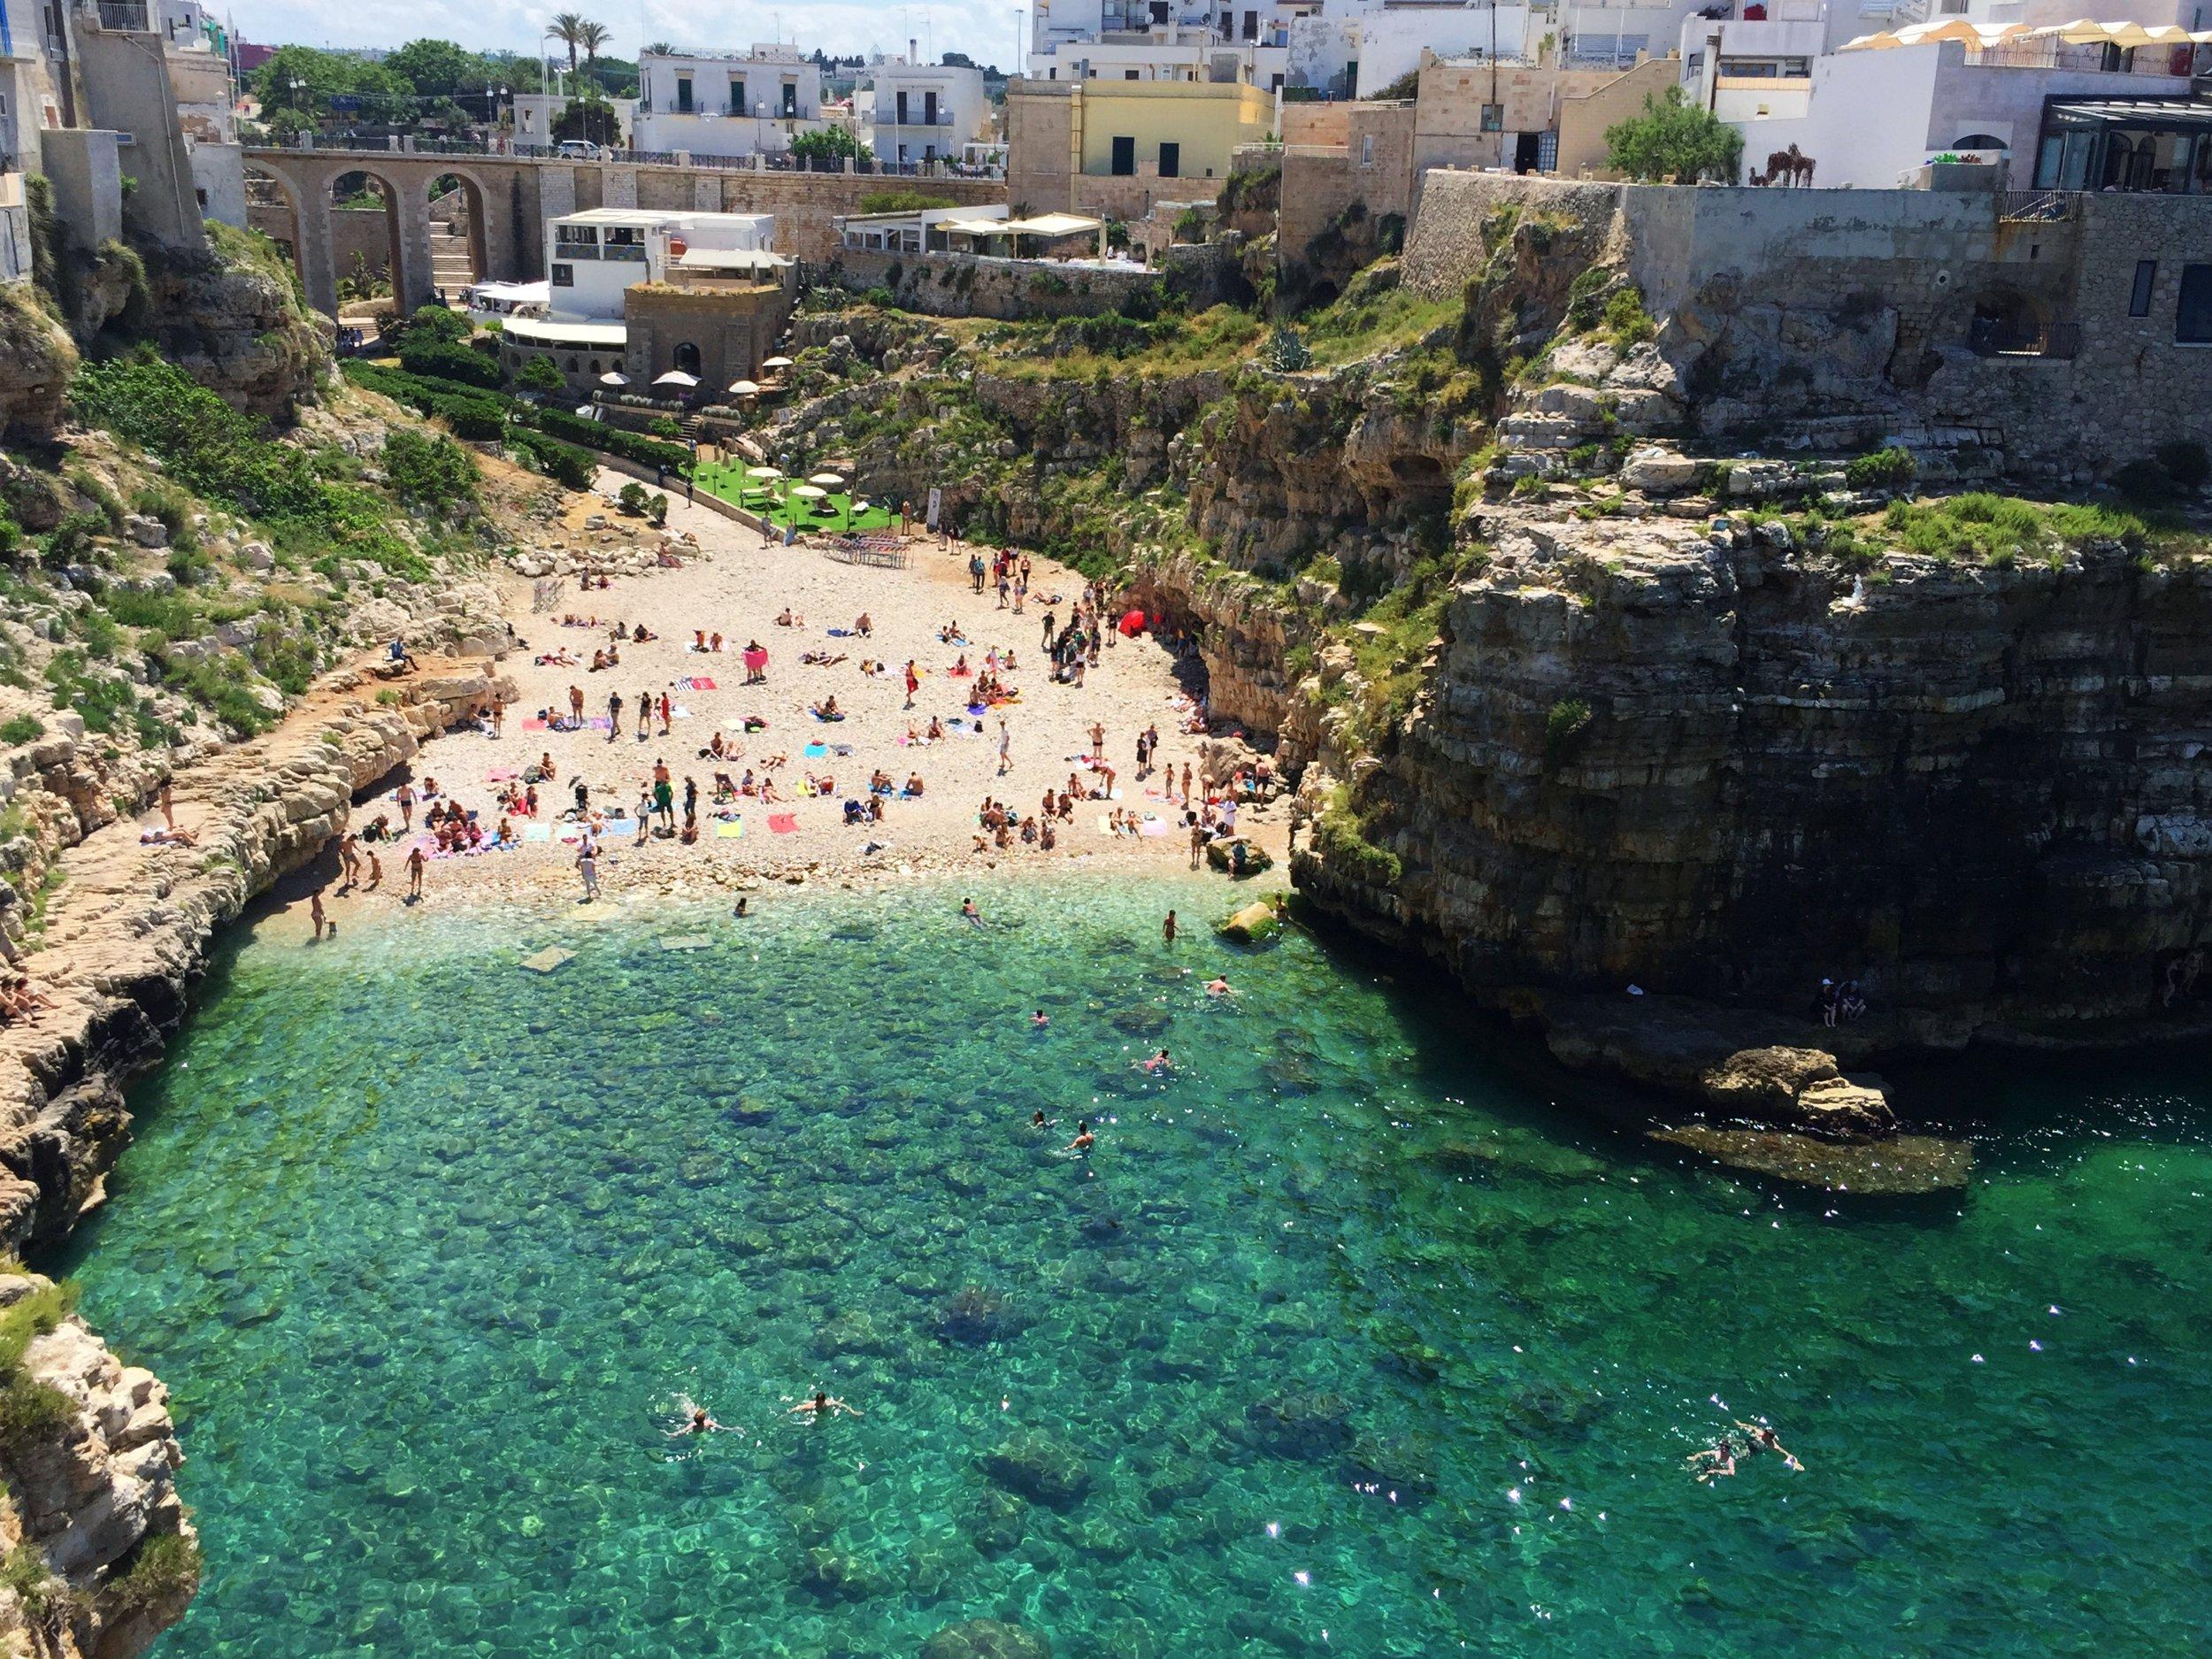 Lama Monachile beach, Polignano A Mare